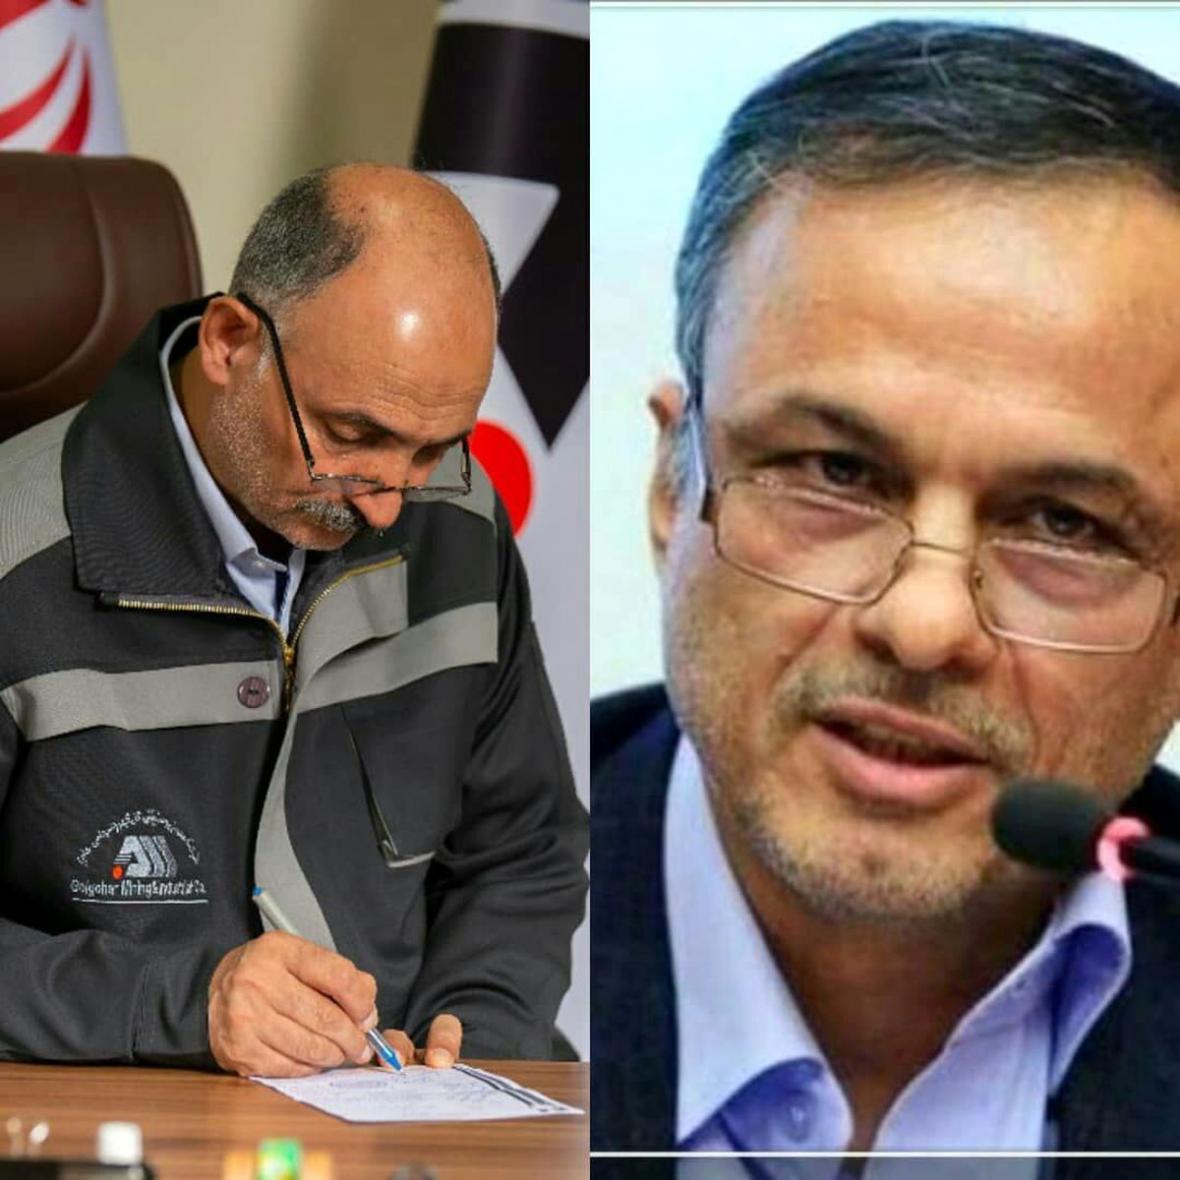 پیغام تبریک مدیرعامل شرکت معدنی و صنعتی گل گهر به مناسبت انتخاب وزیر صمت